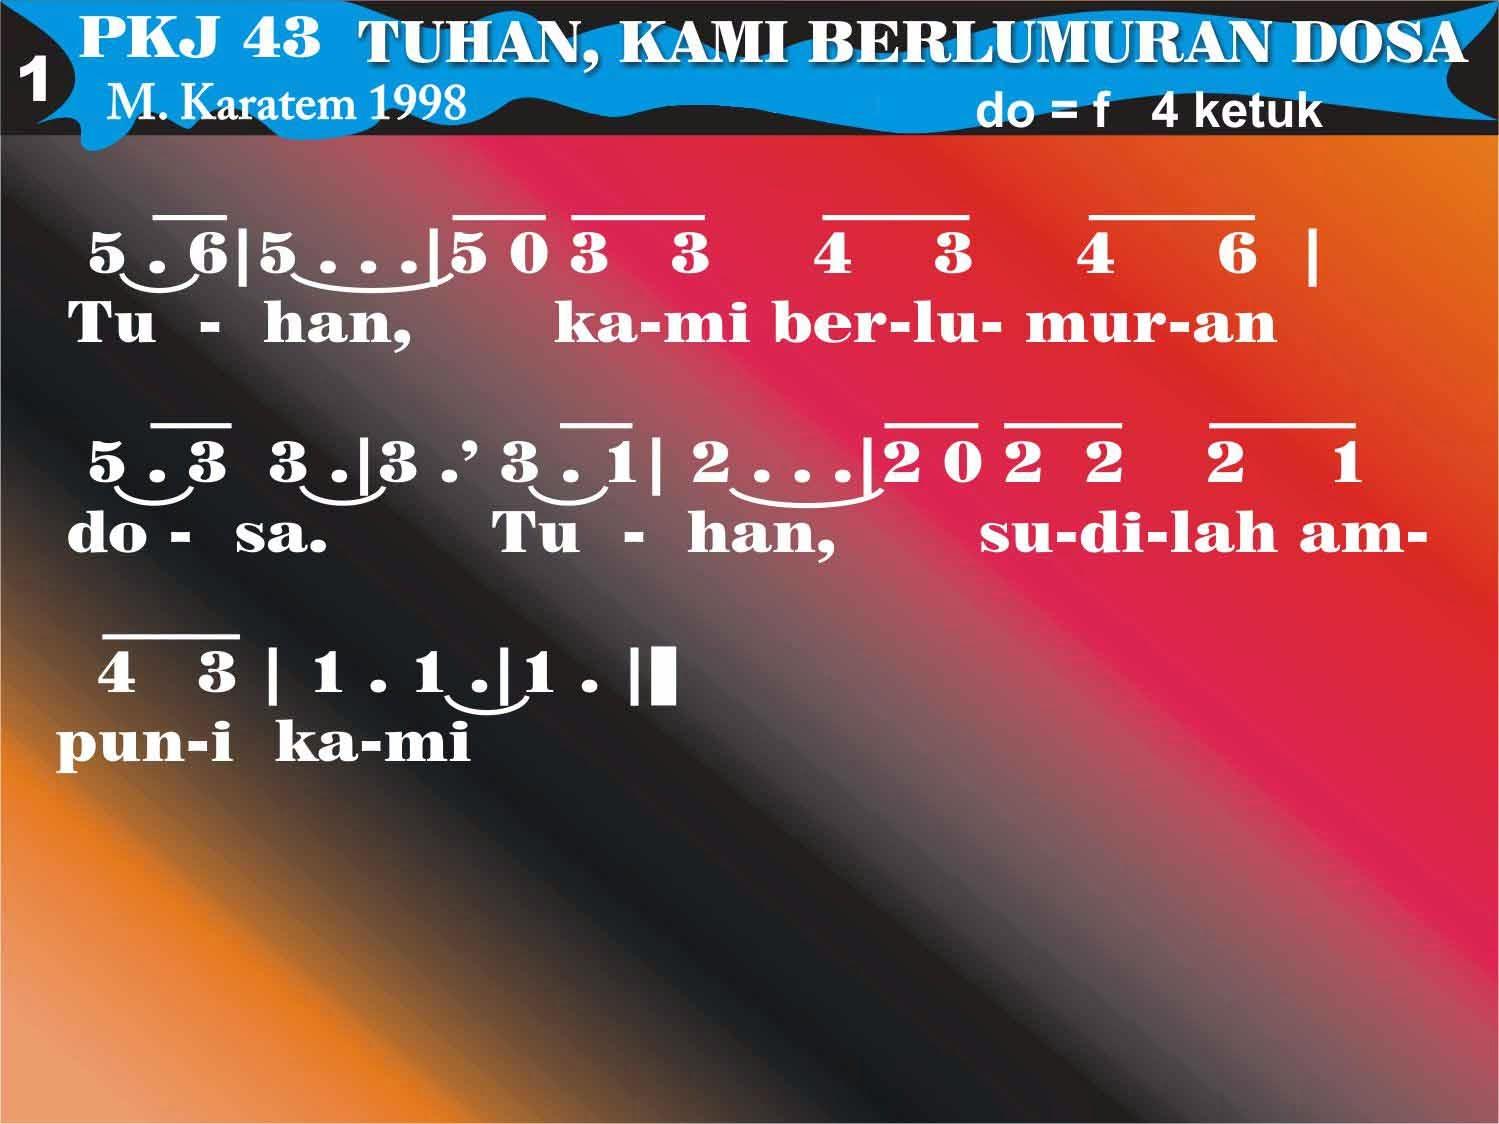 Kord Lagu PKJ 43 Tuhan Kami Berlumuran Dosa